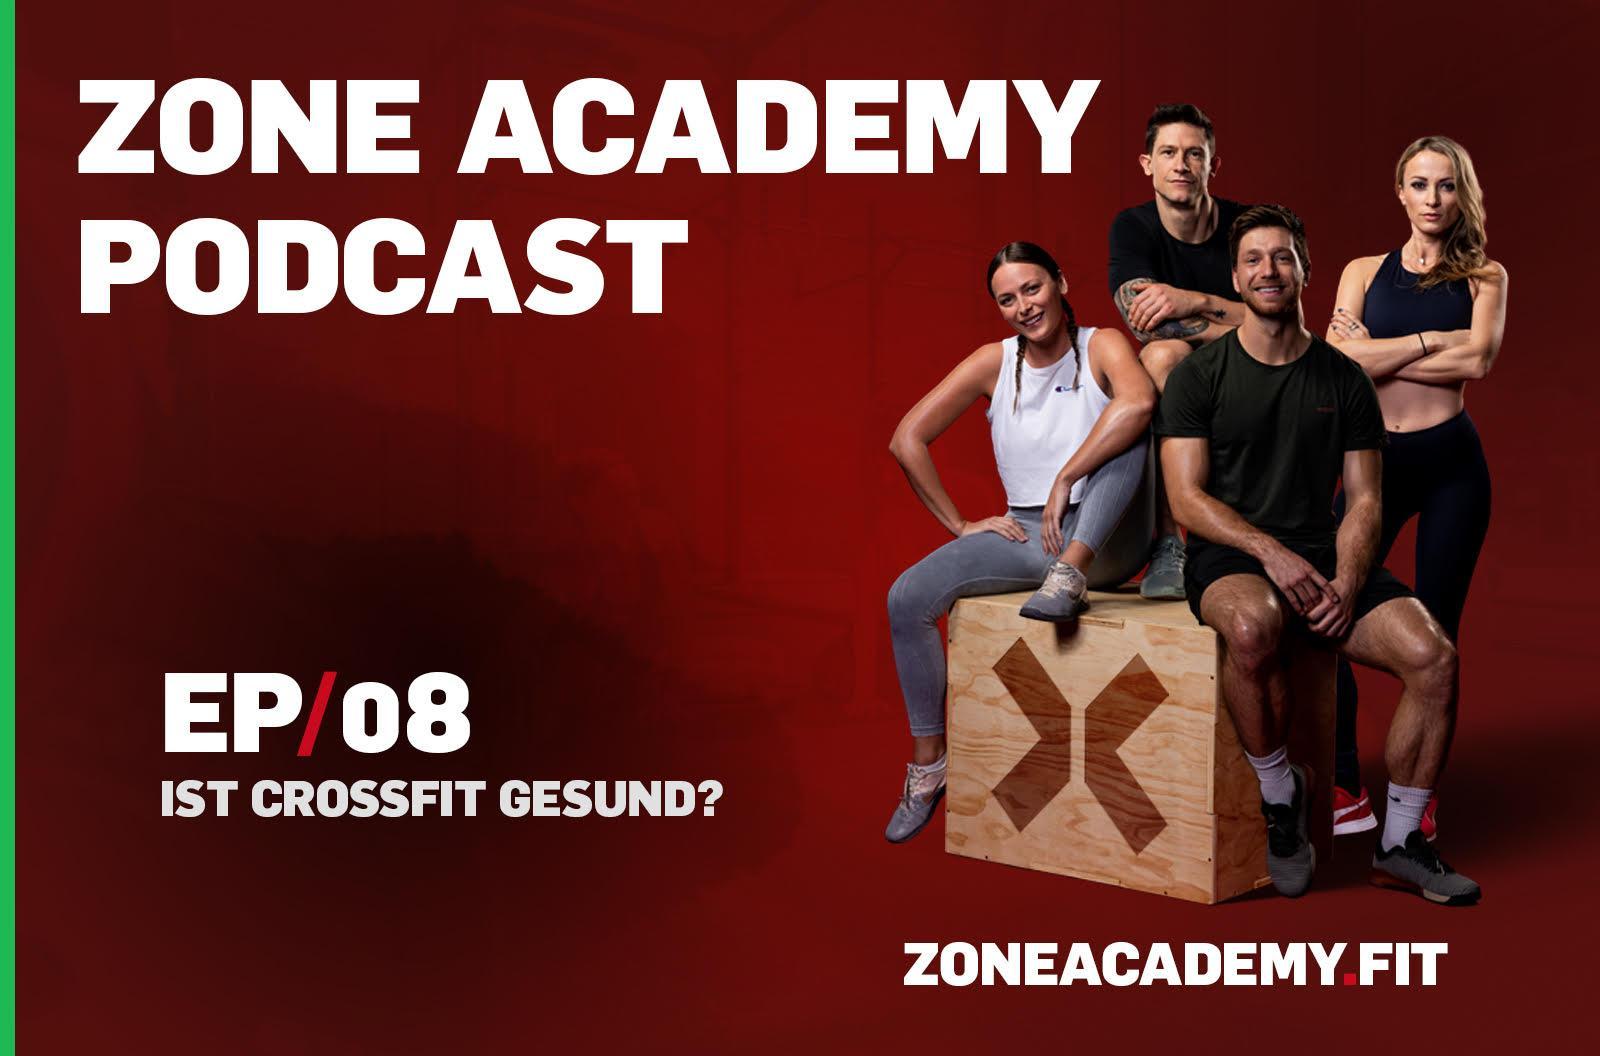 ist crossfit gesund podcast titelbild zone